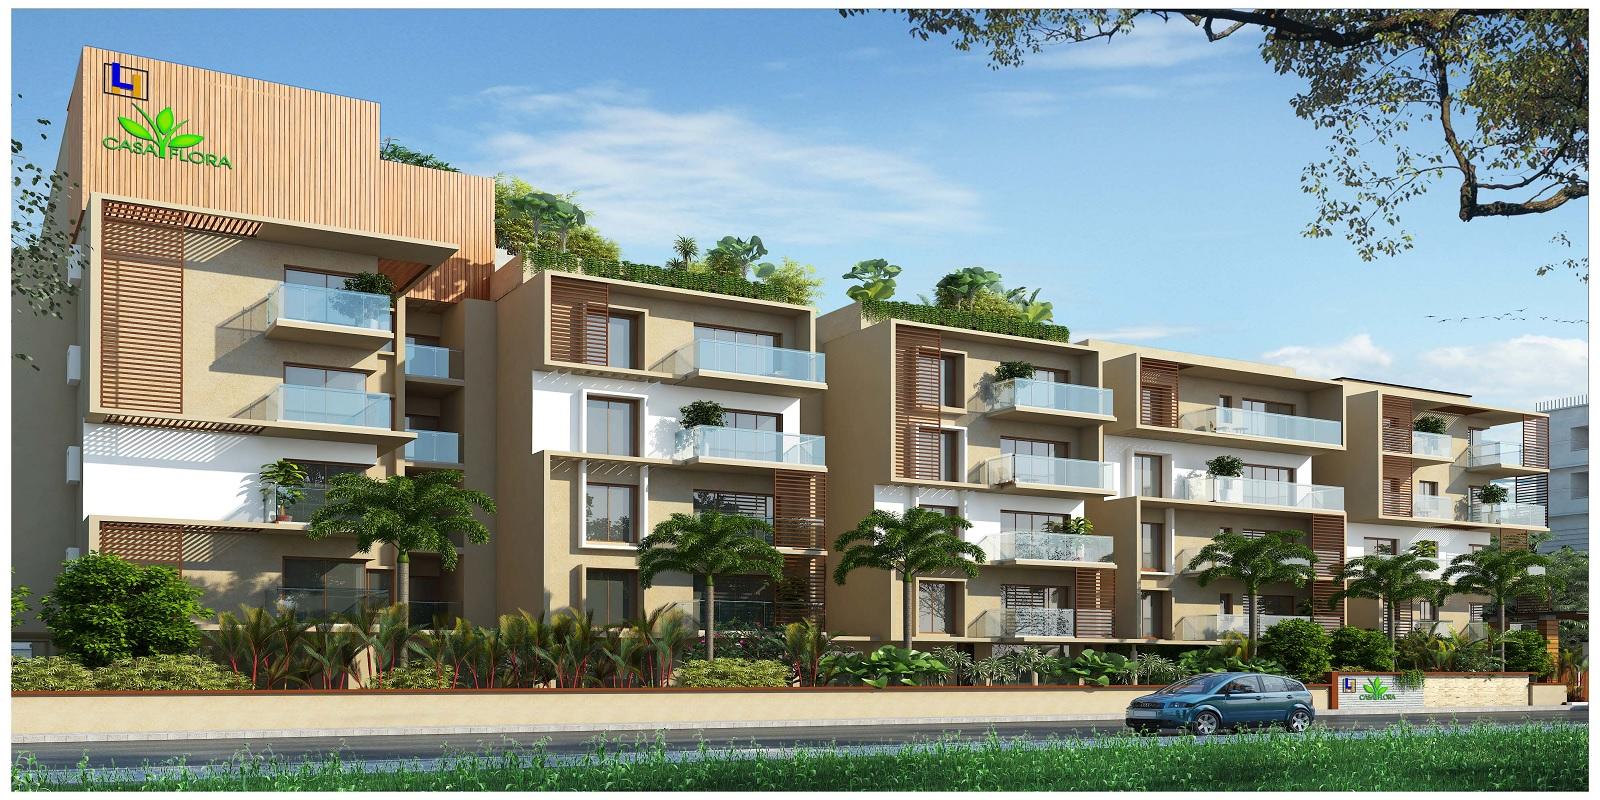 lh casa flora project large image2